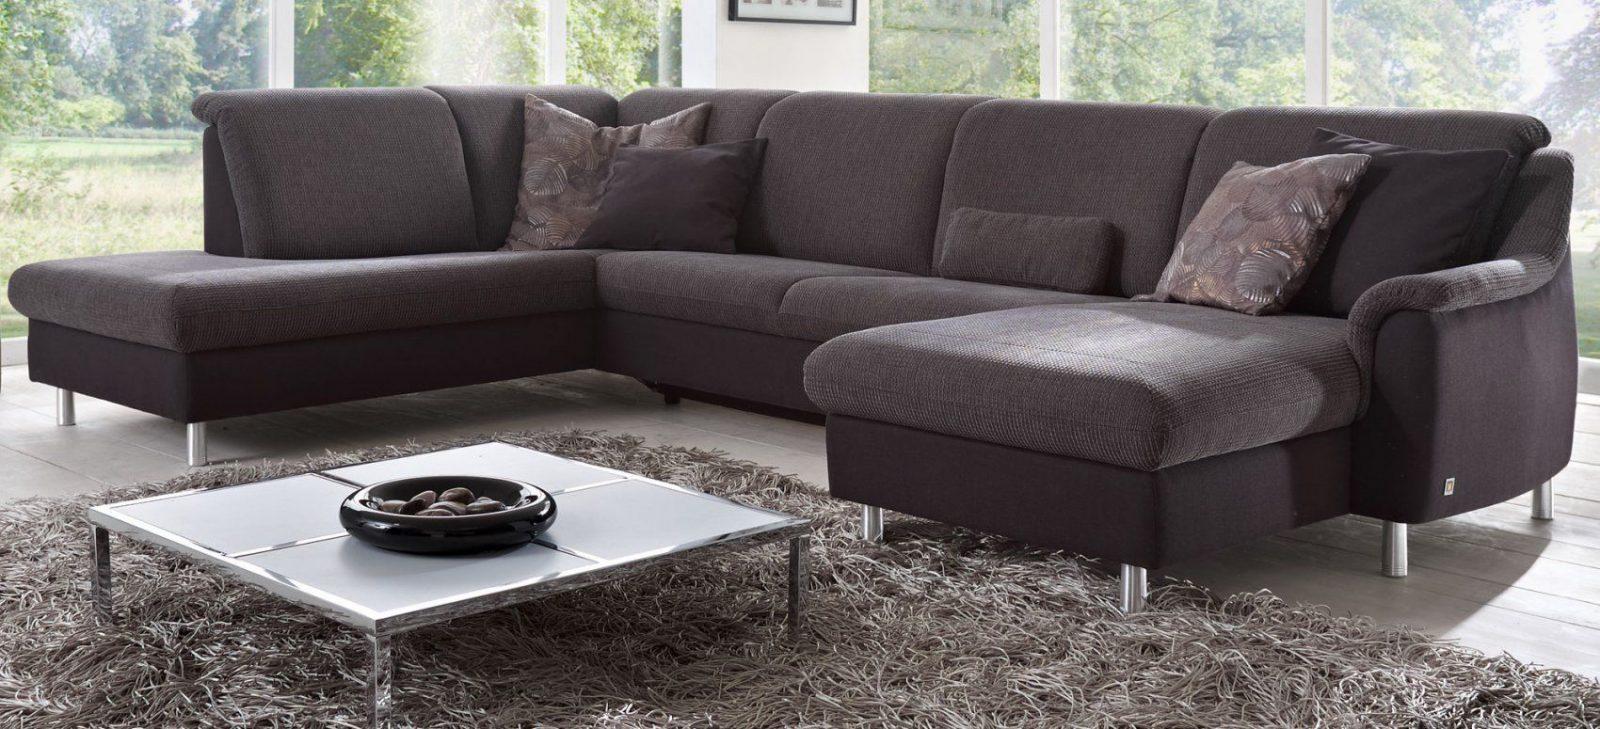 S Ikea Sofa Mit Schlaffunktion Ordentlich Sofaüberwurf Und  Möbel von Ikea Sofa Mit Schlaffunktion Photo